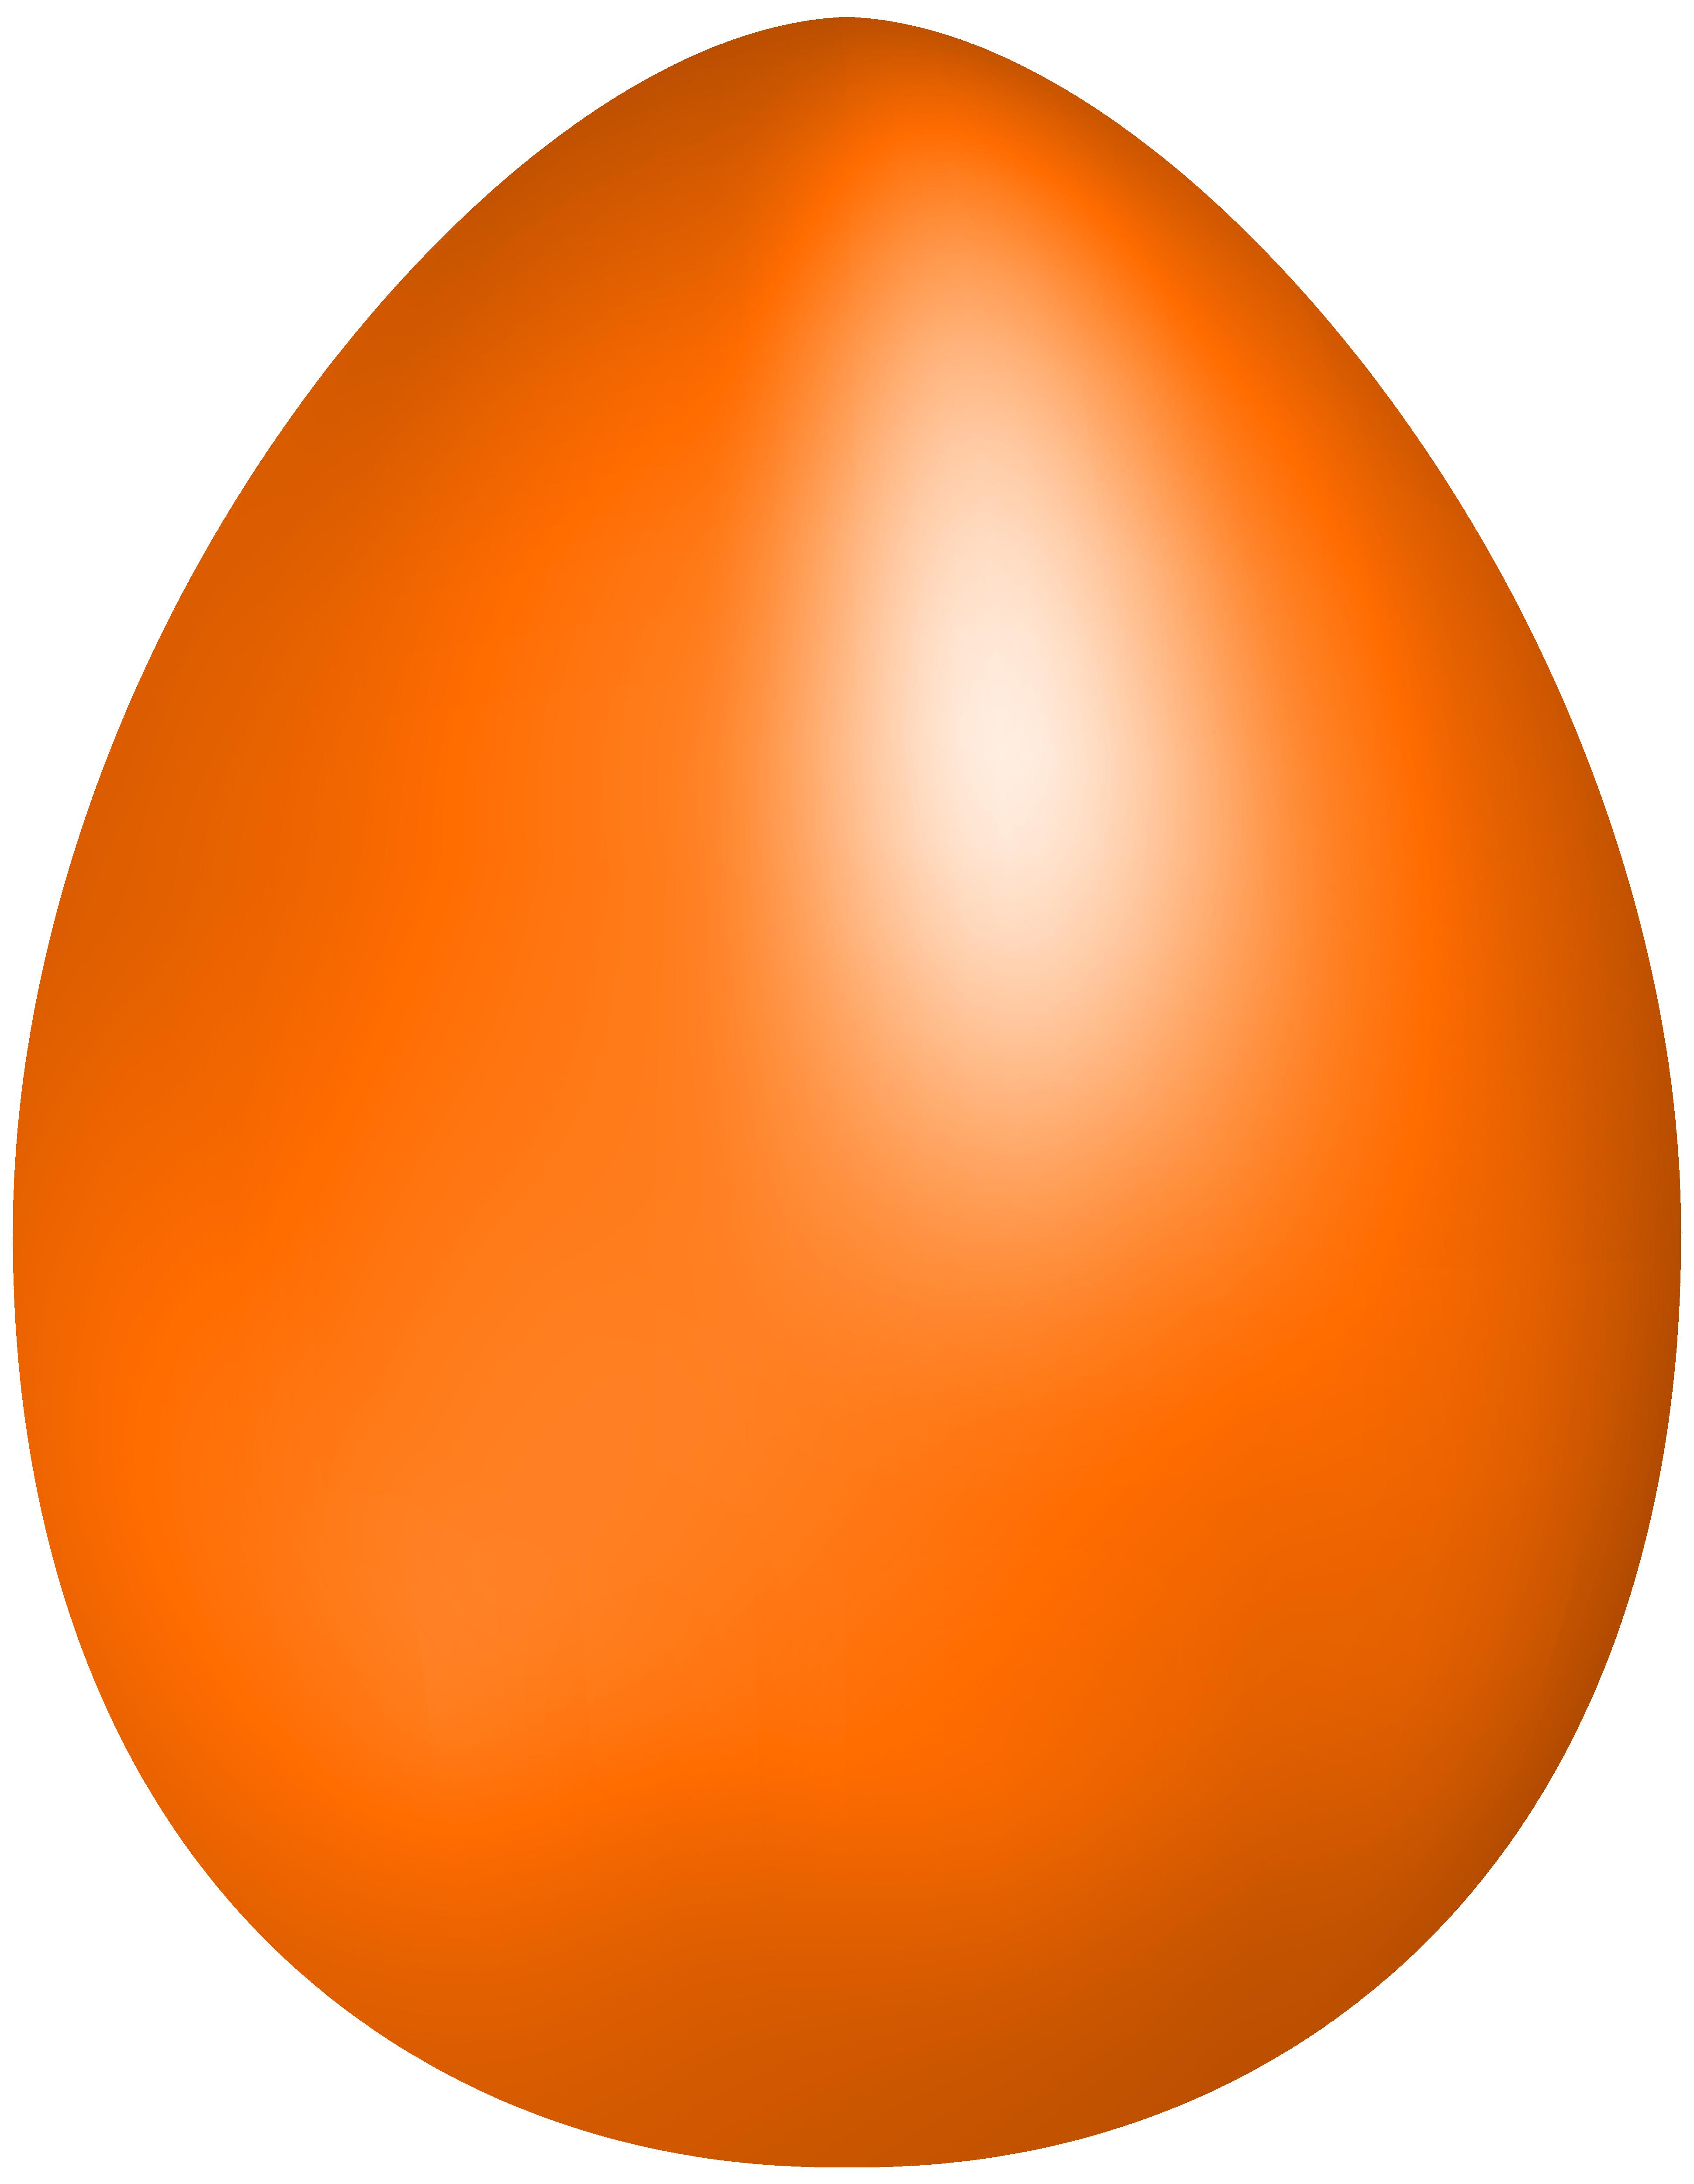 Orange clipart easter eggs Egg Clipart egg